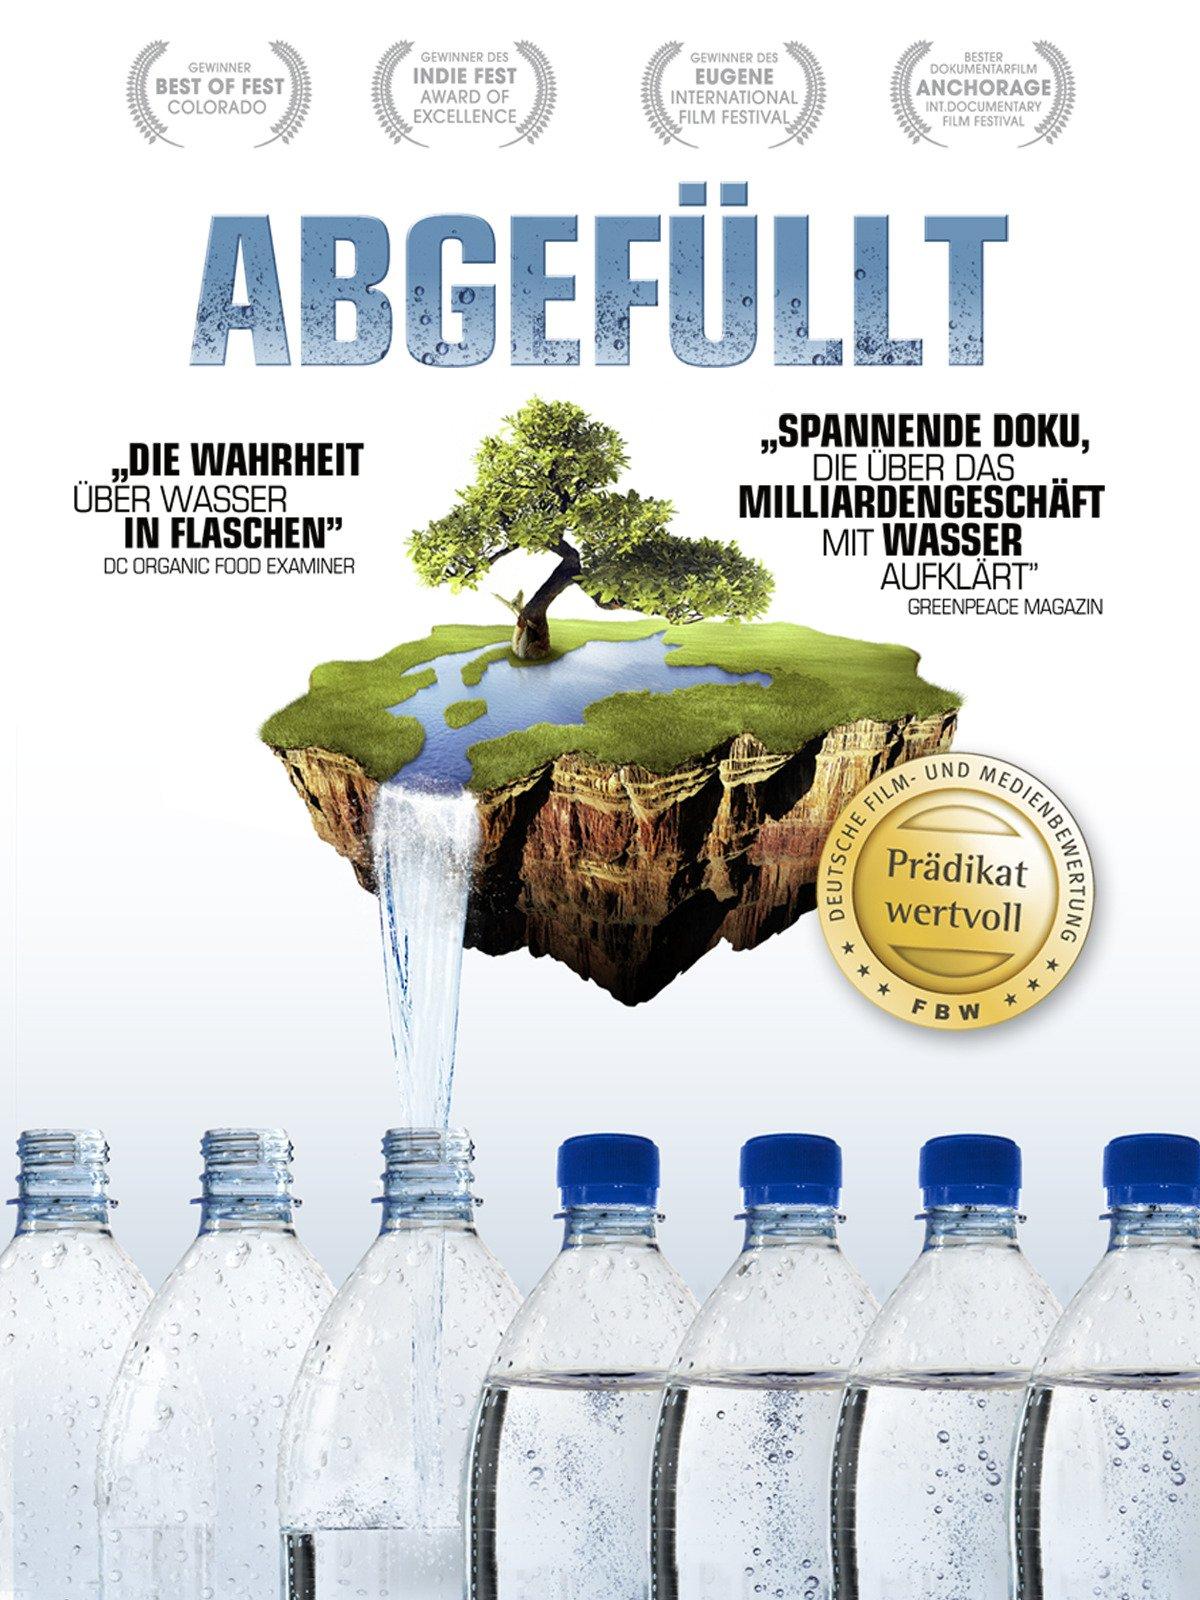 Das Milliardengeschäft mit dem Wasser